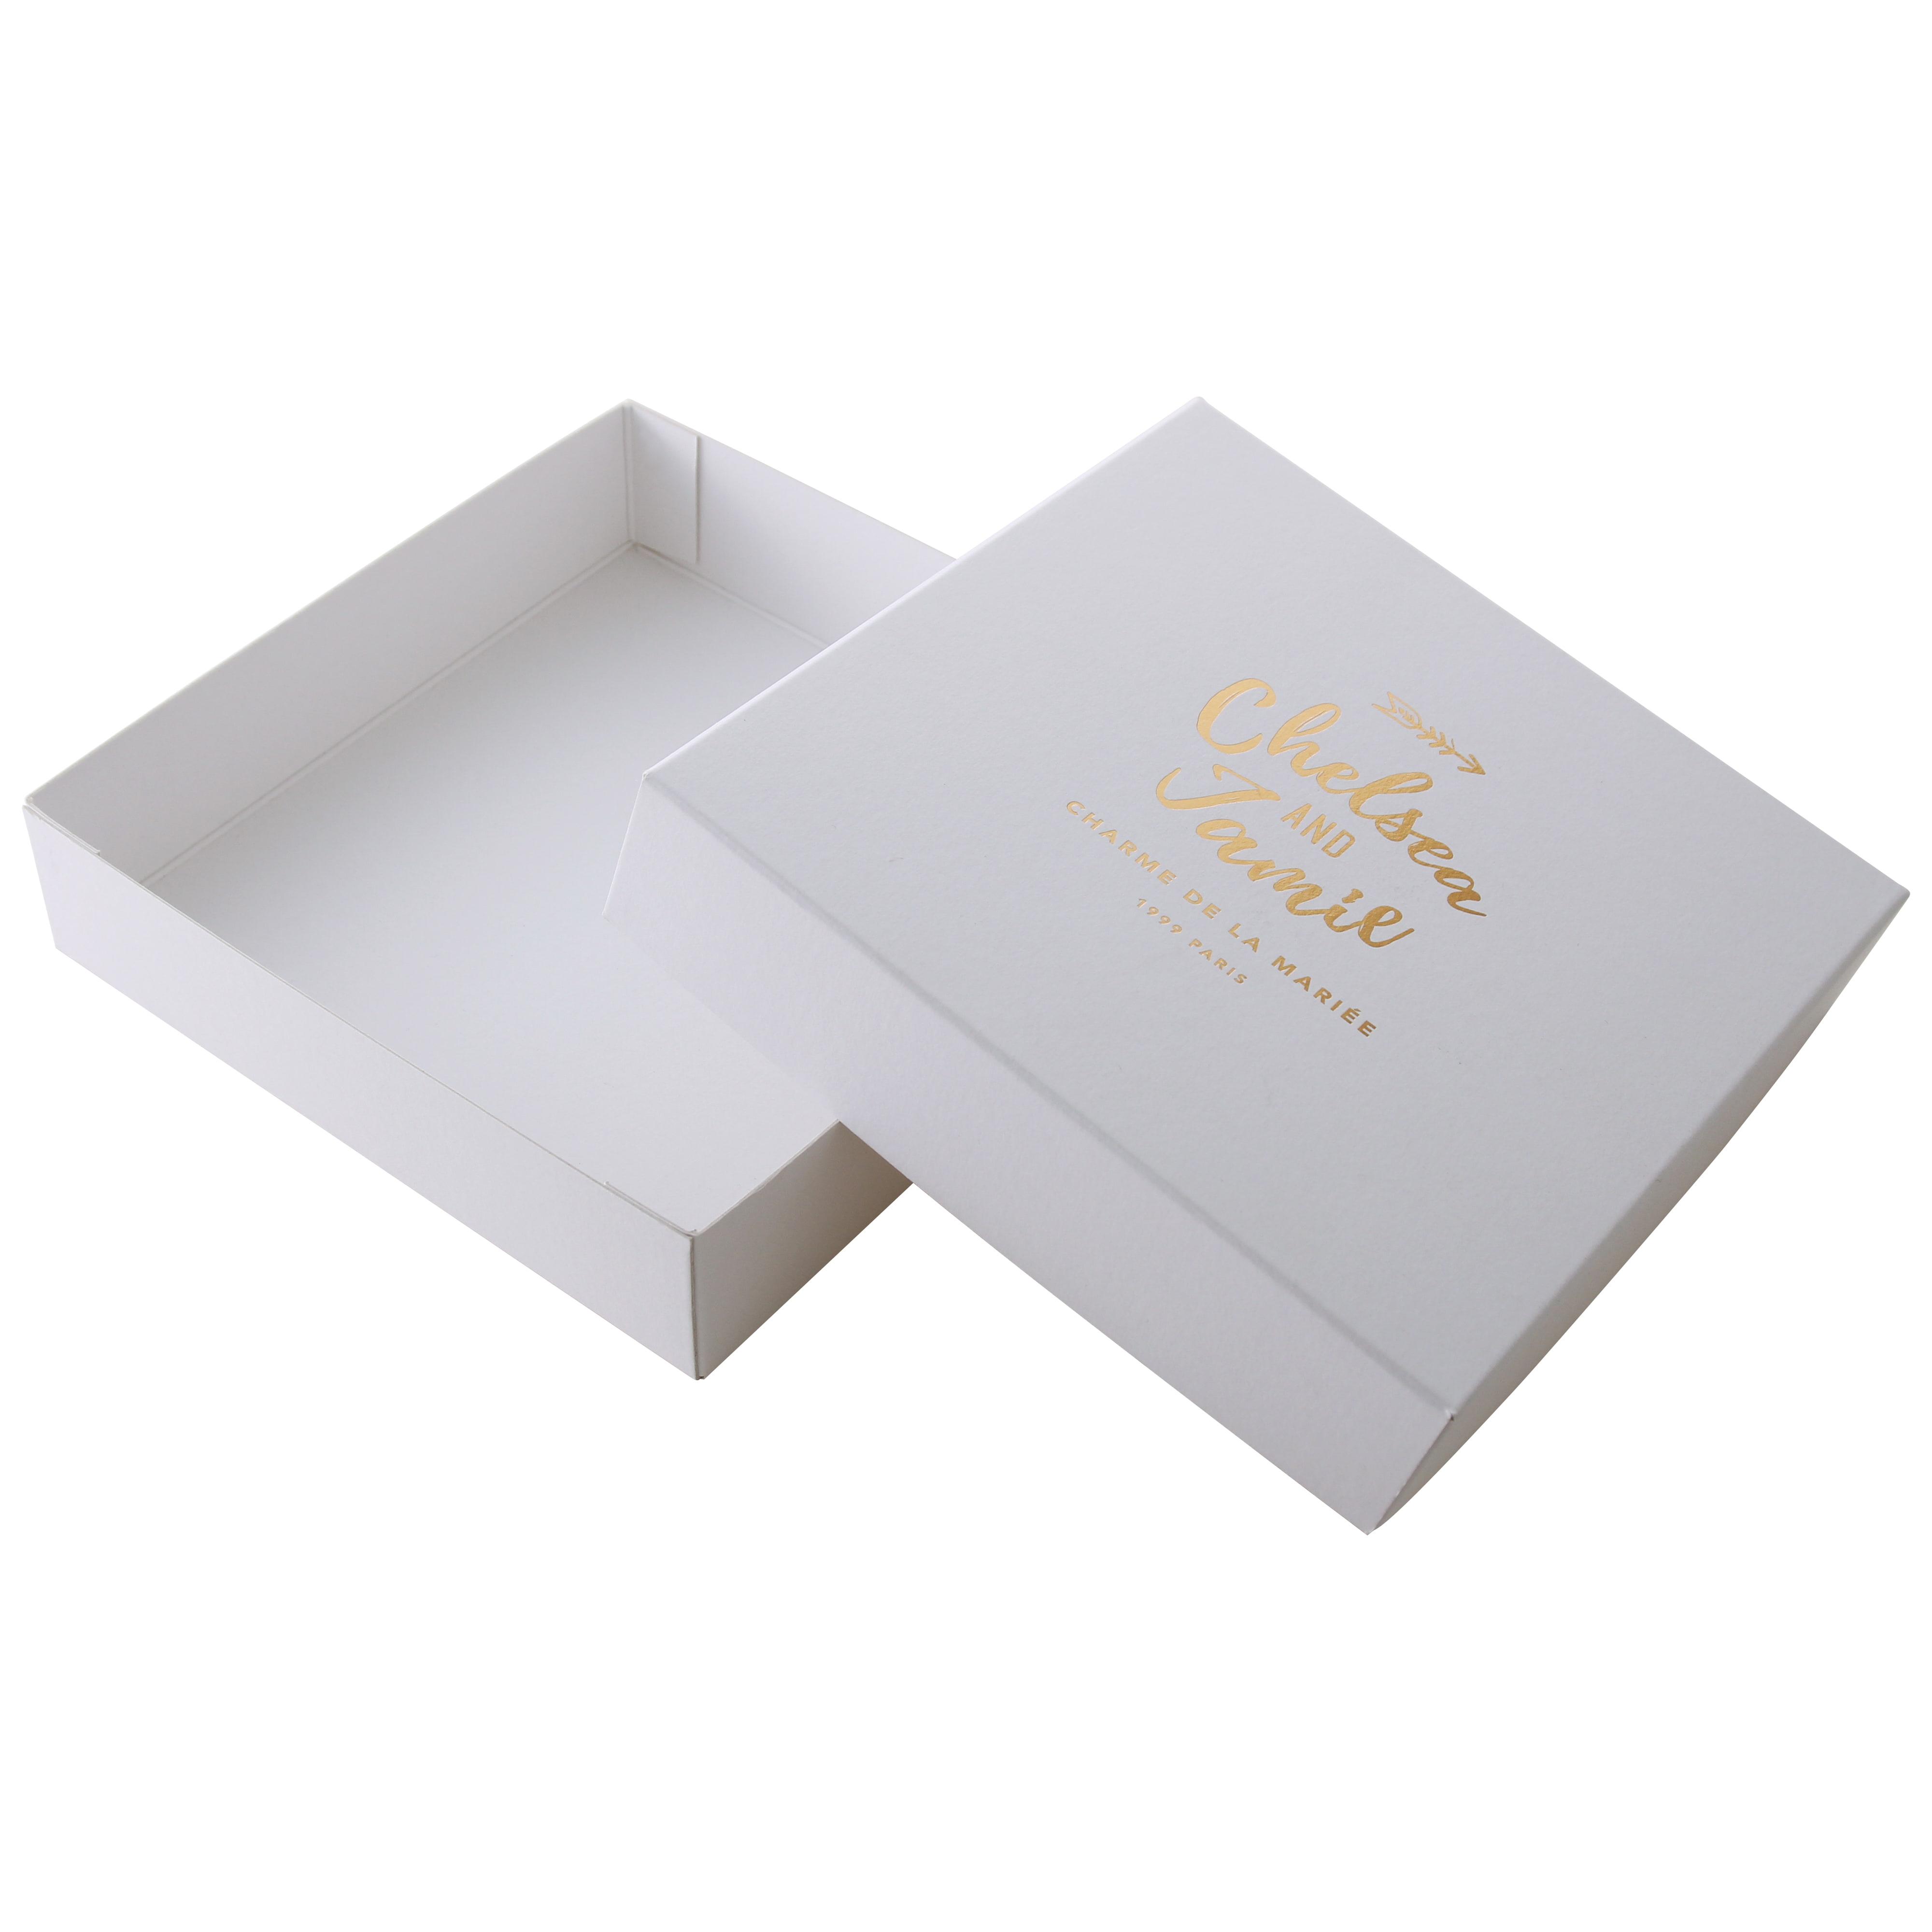 サンプル 箱(糊どめ) 00042